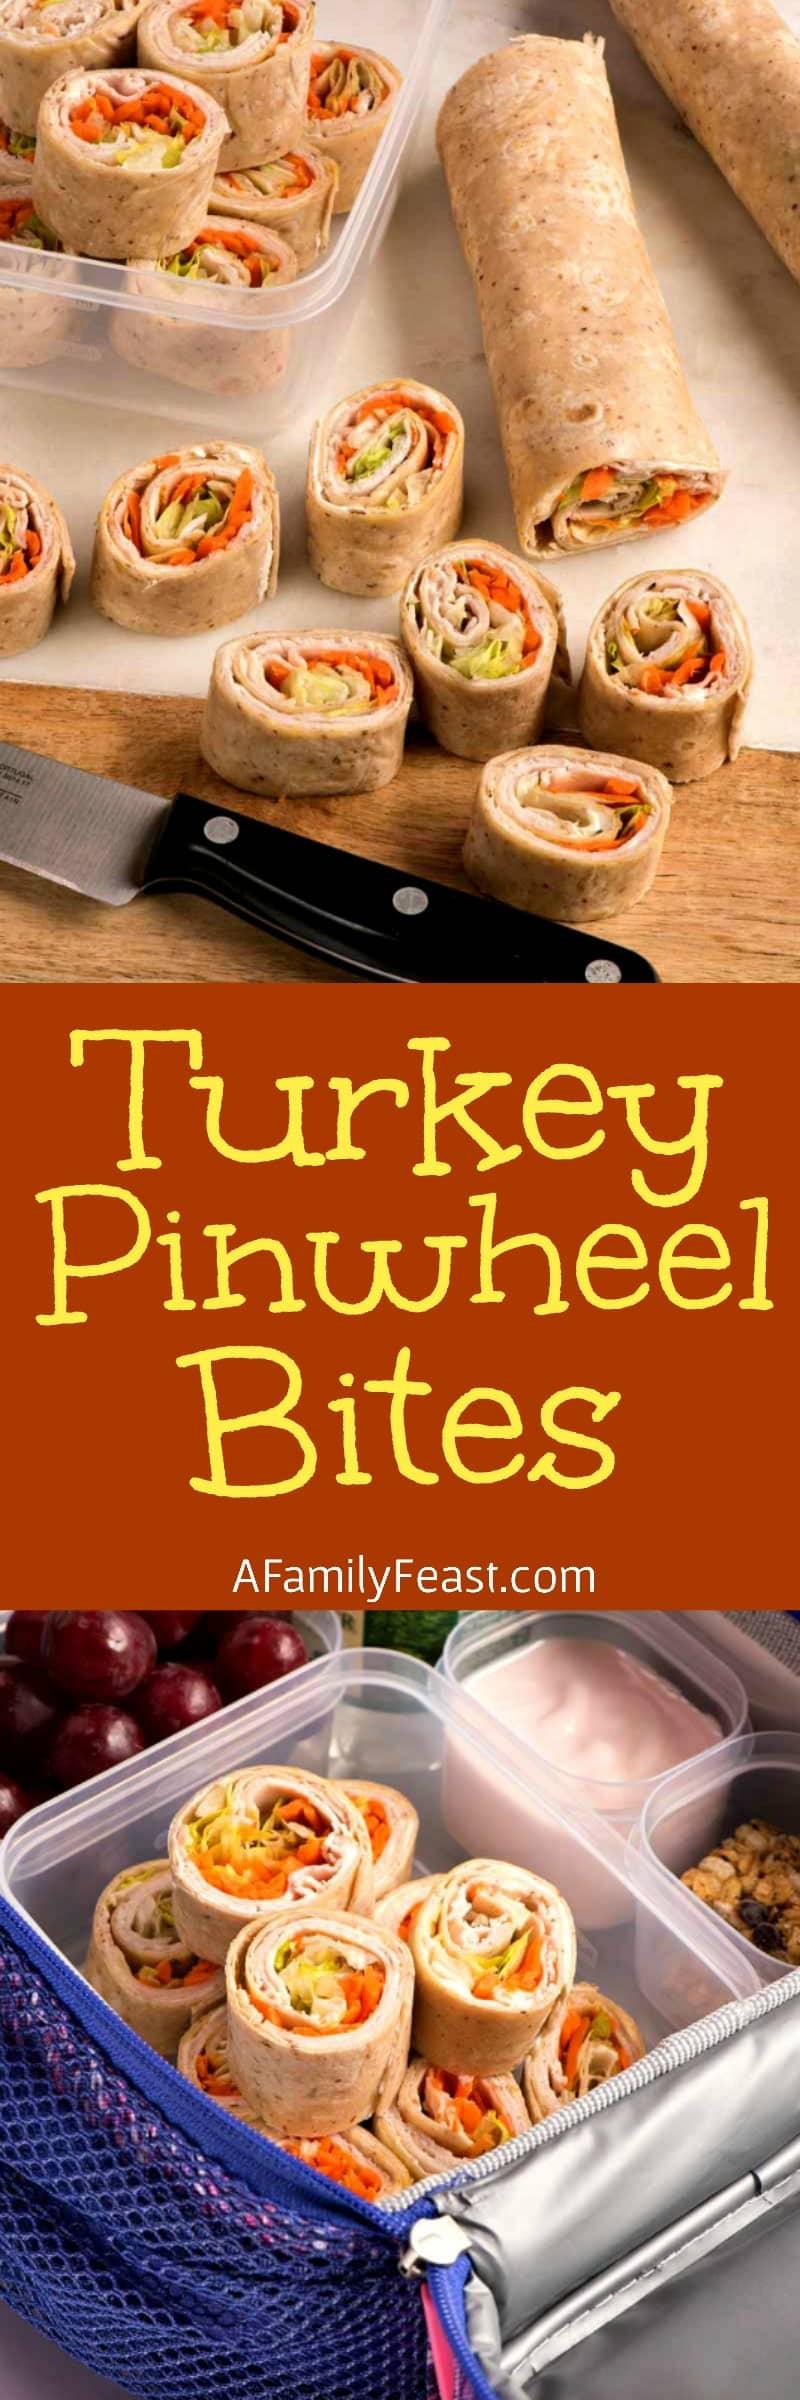 Turkey Pinwheel Bites